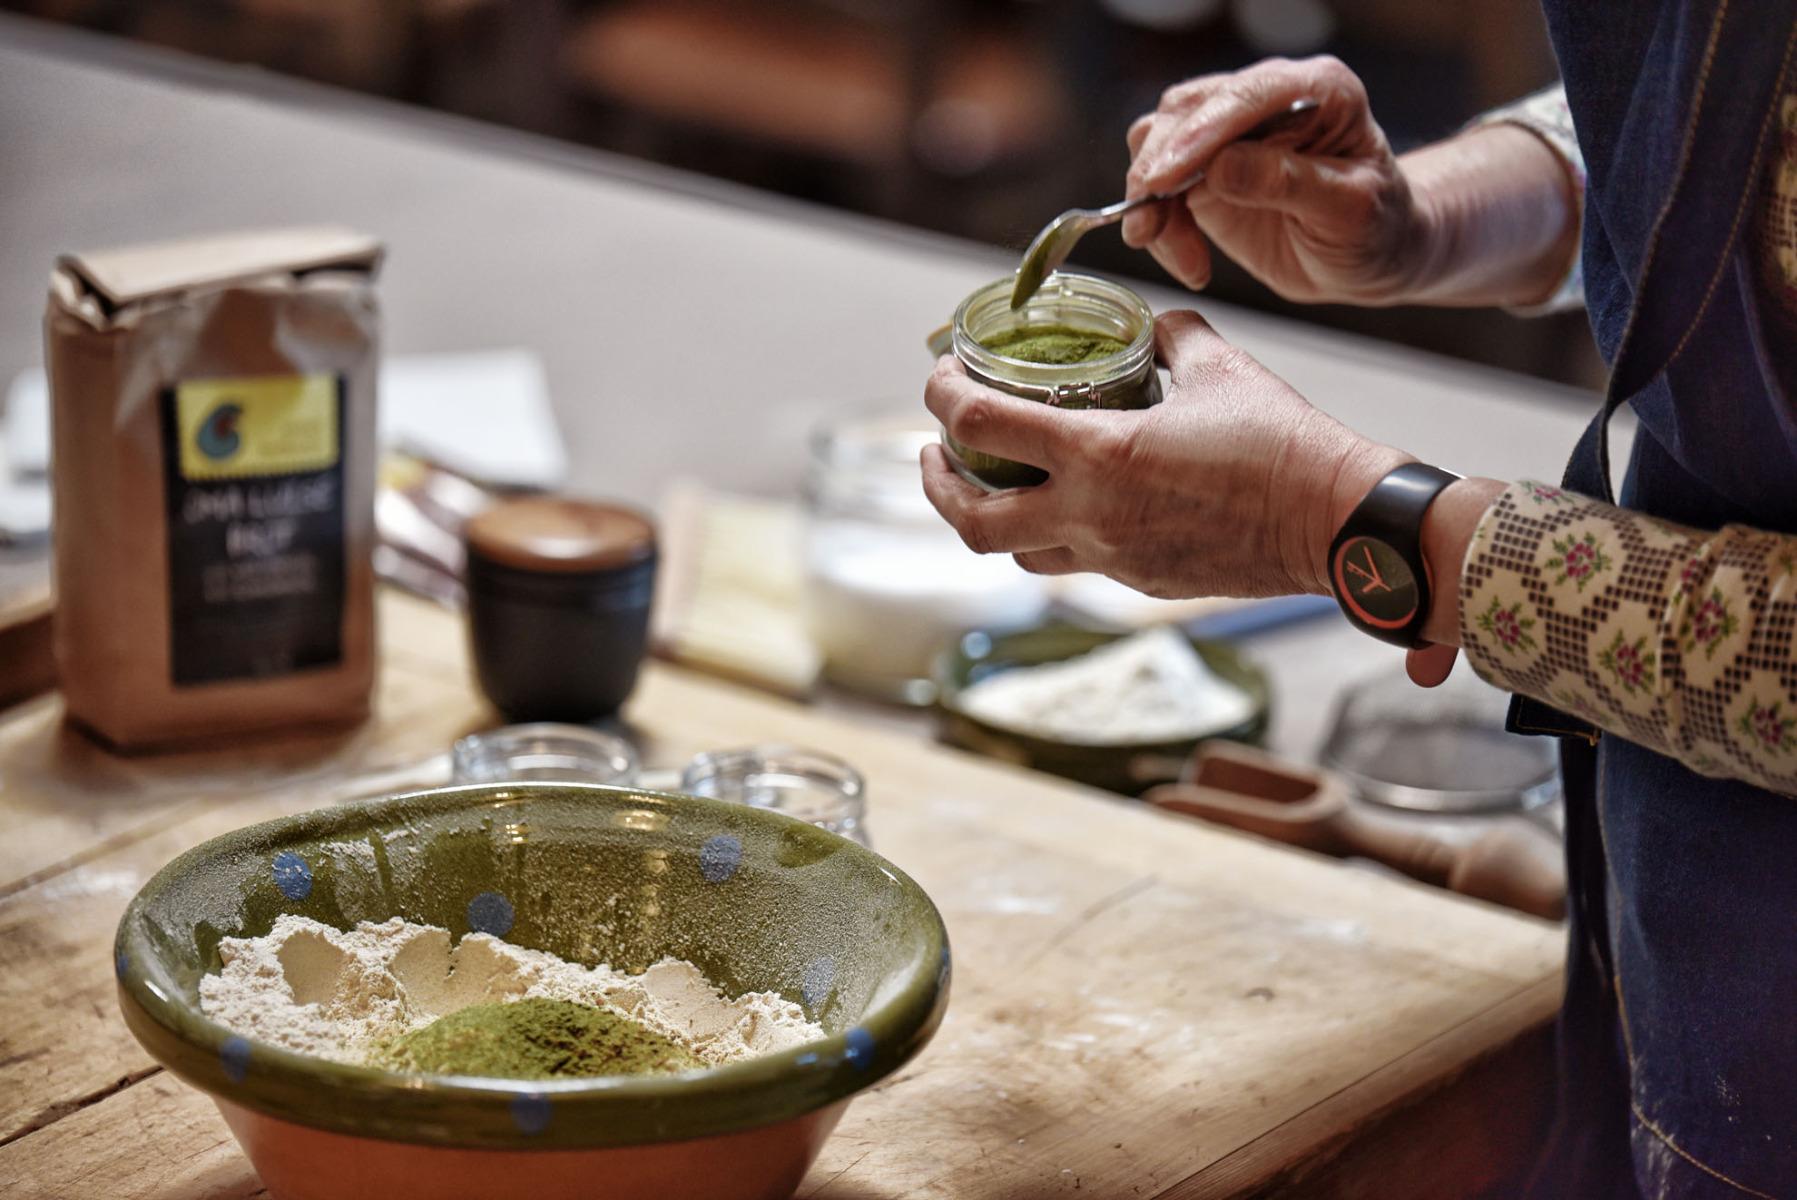 Brotteig-Zubereitung - Schabziger Klee